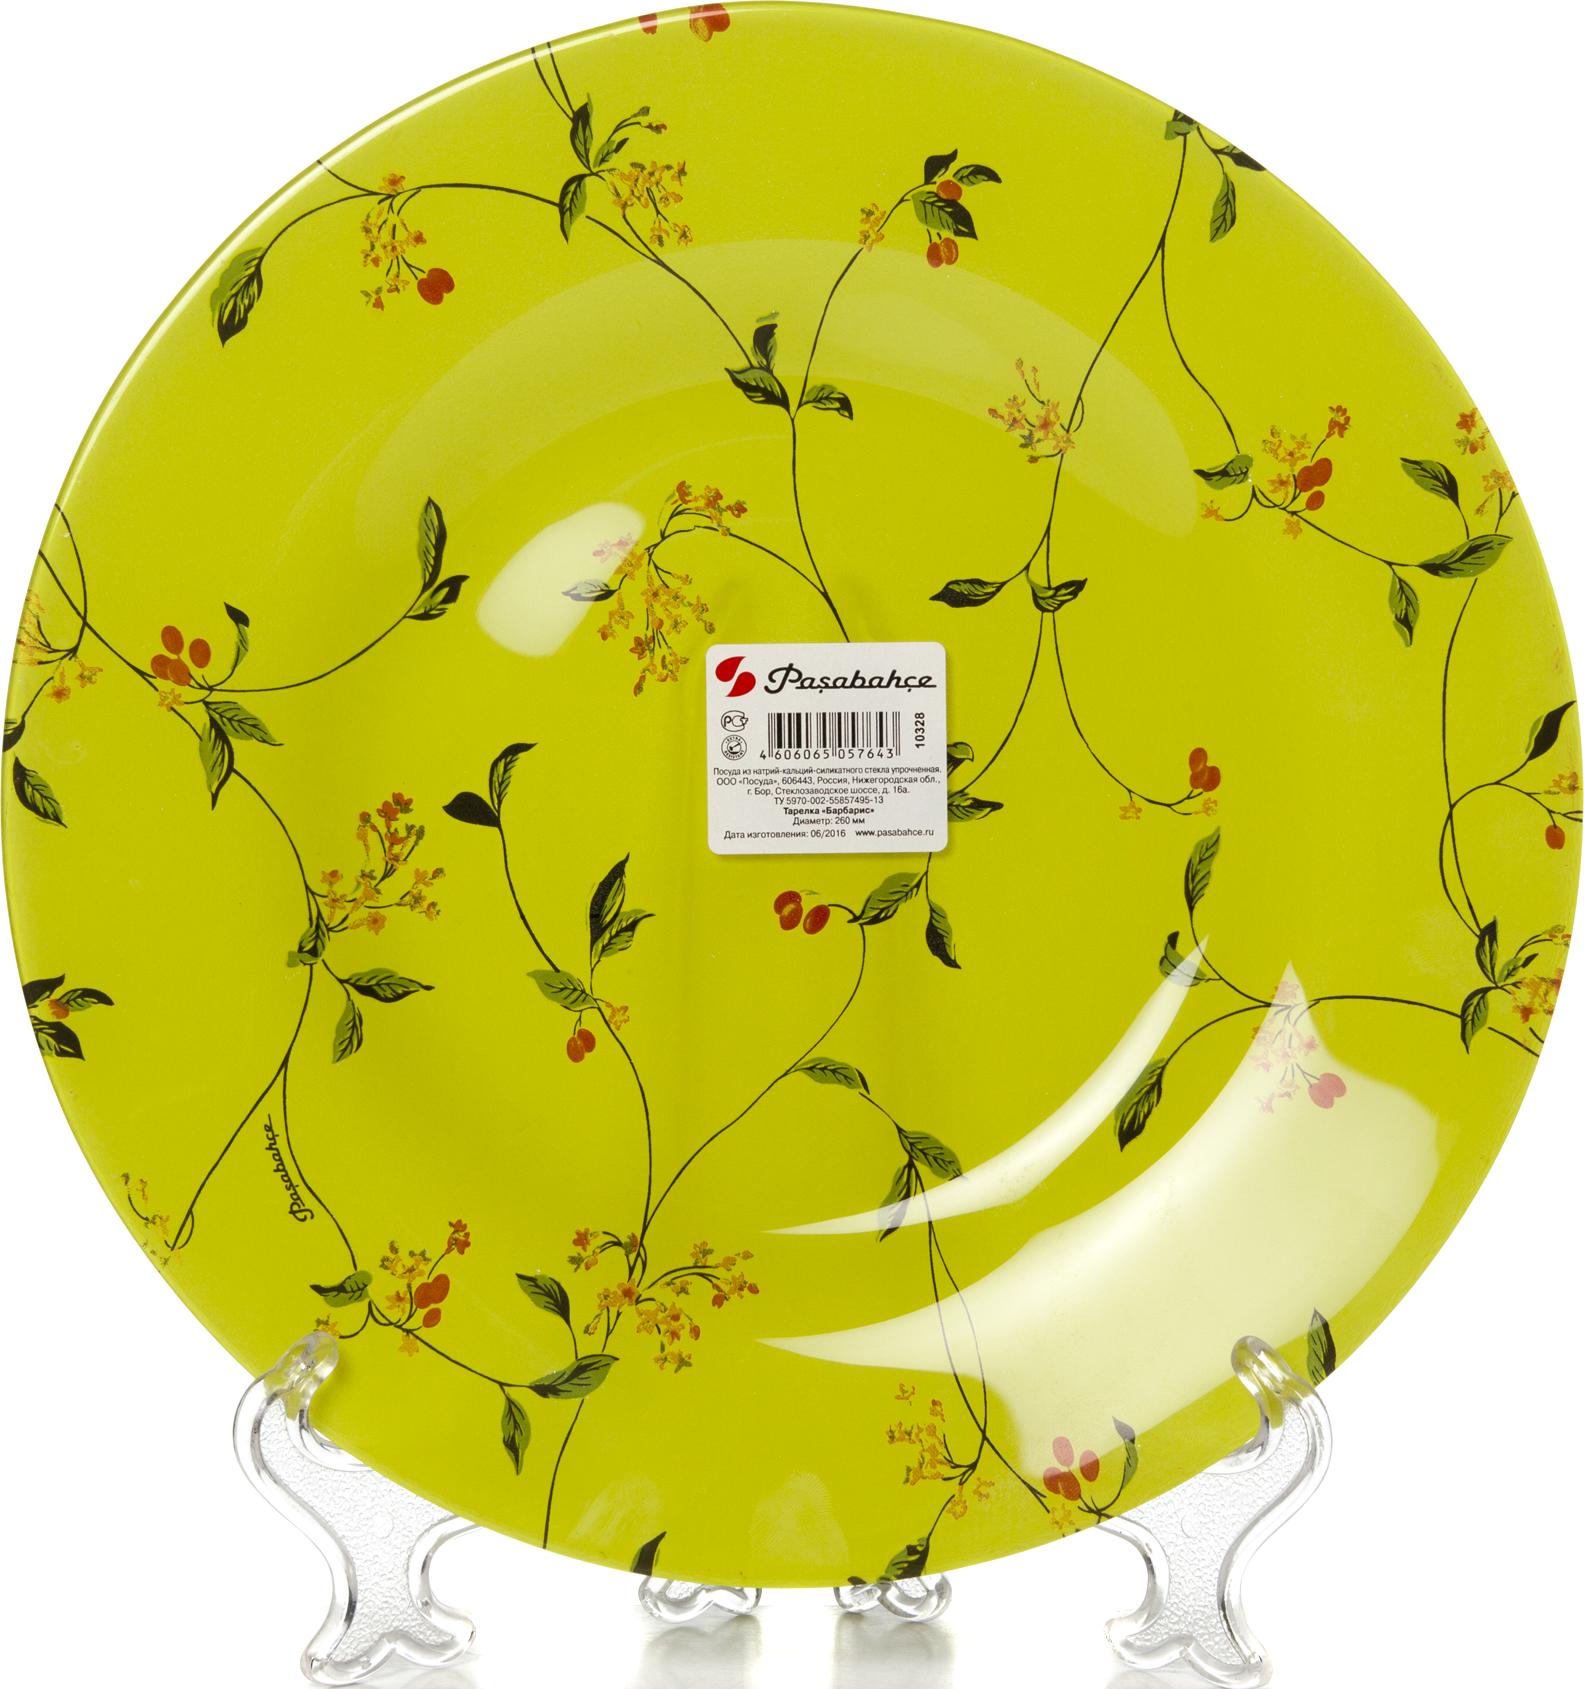 Тарелка Pasabahce Барбарис, цвет: салатовый, диаметр 26 см10328SLBD32Тарелка обеденная из упроч.стекла d=260 мм рис.Барбарис